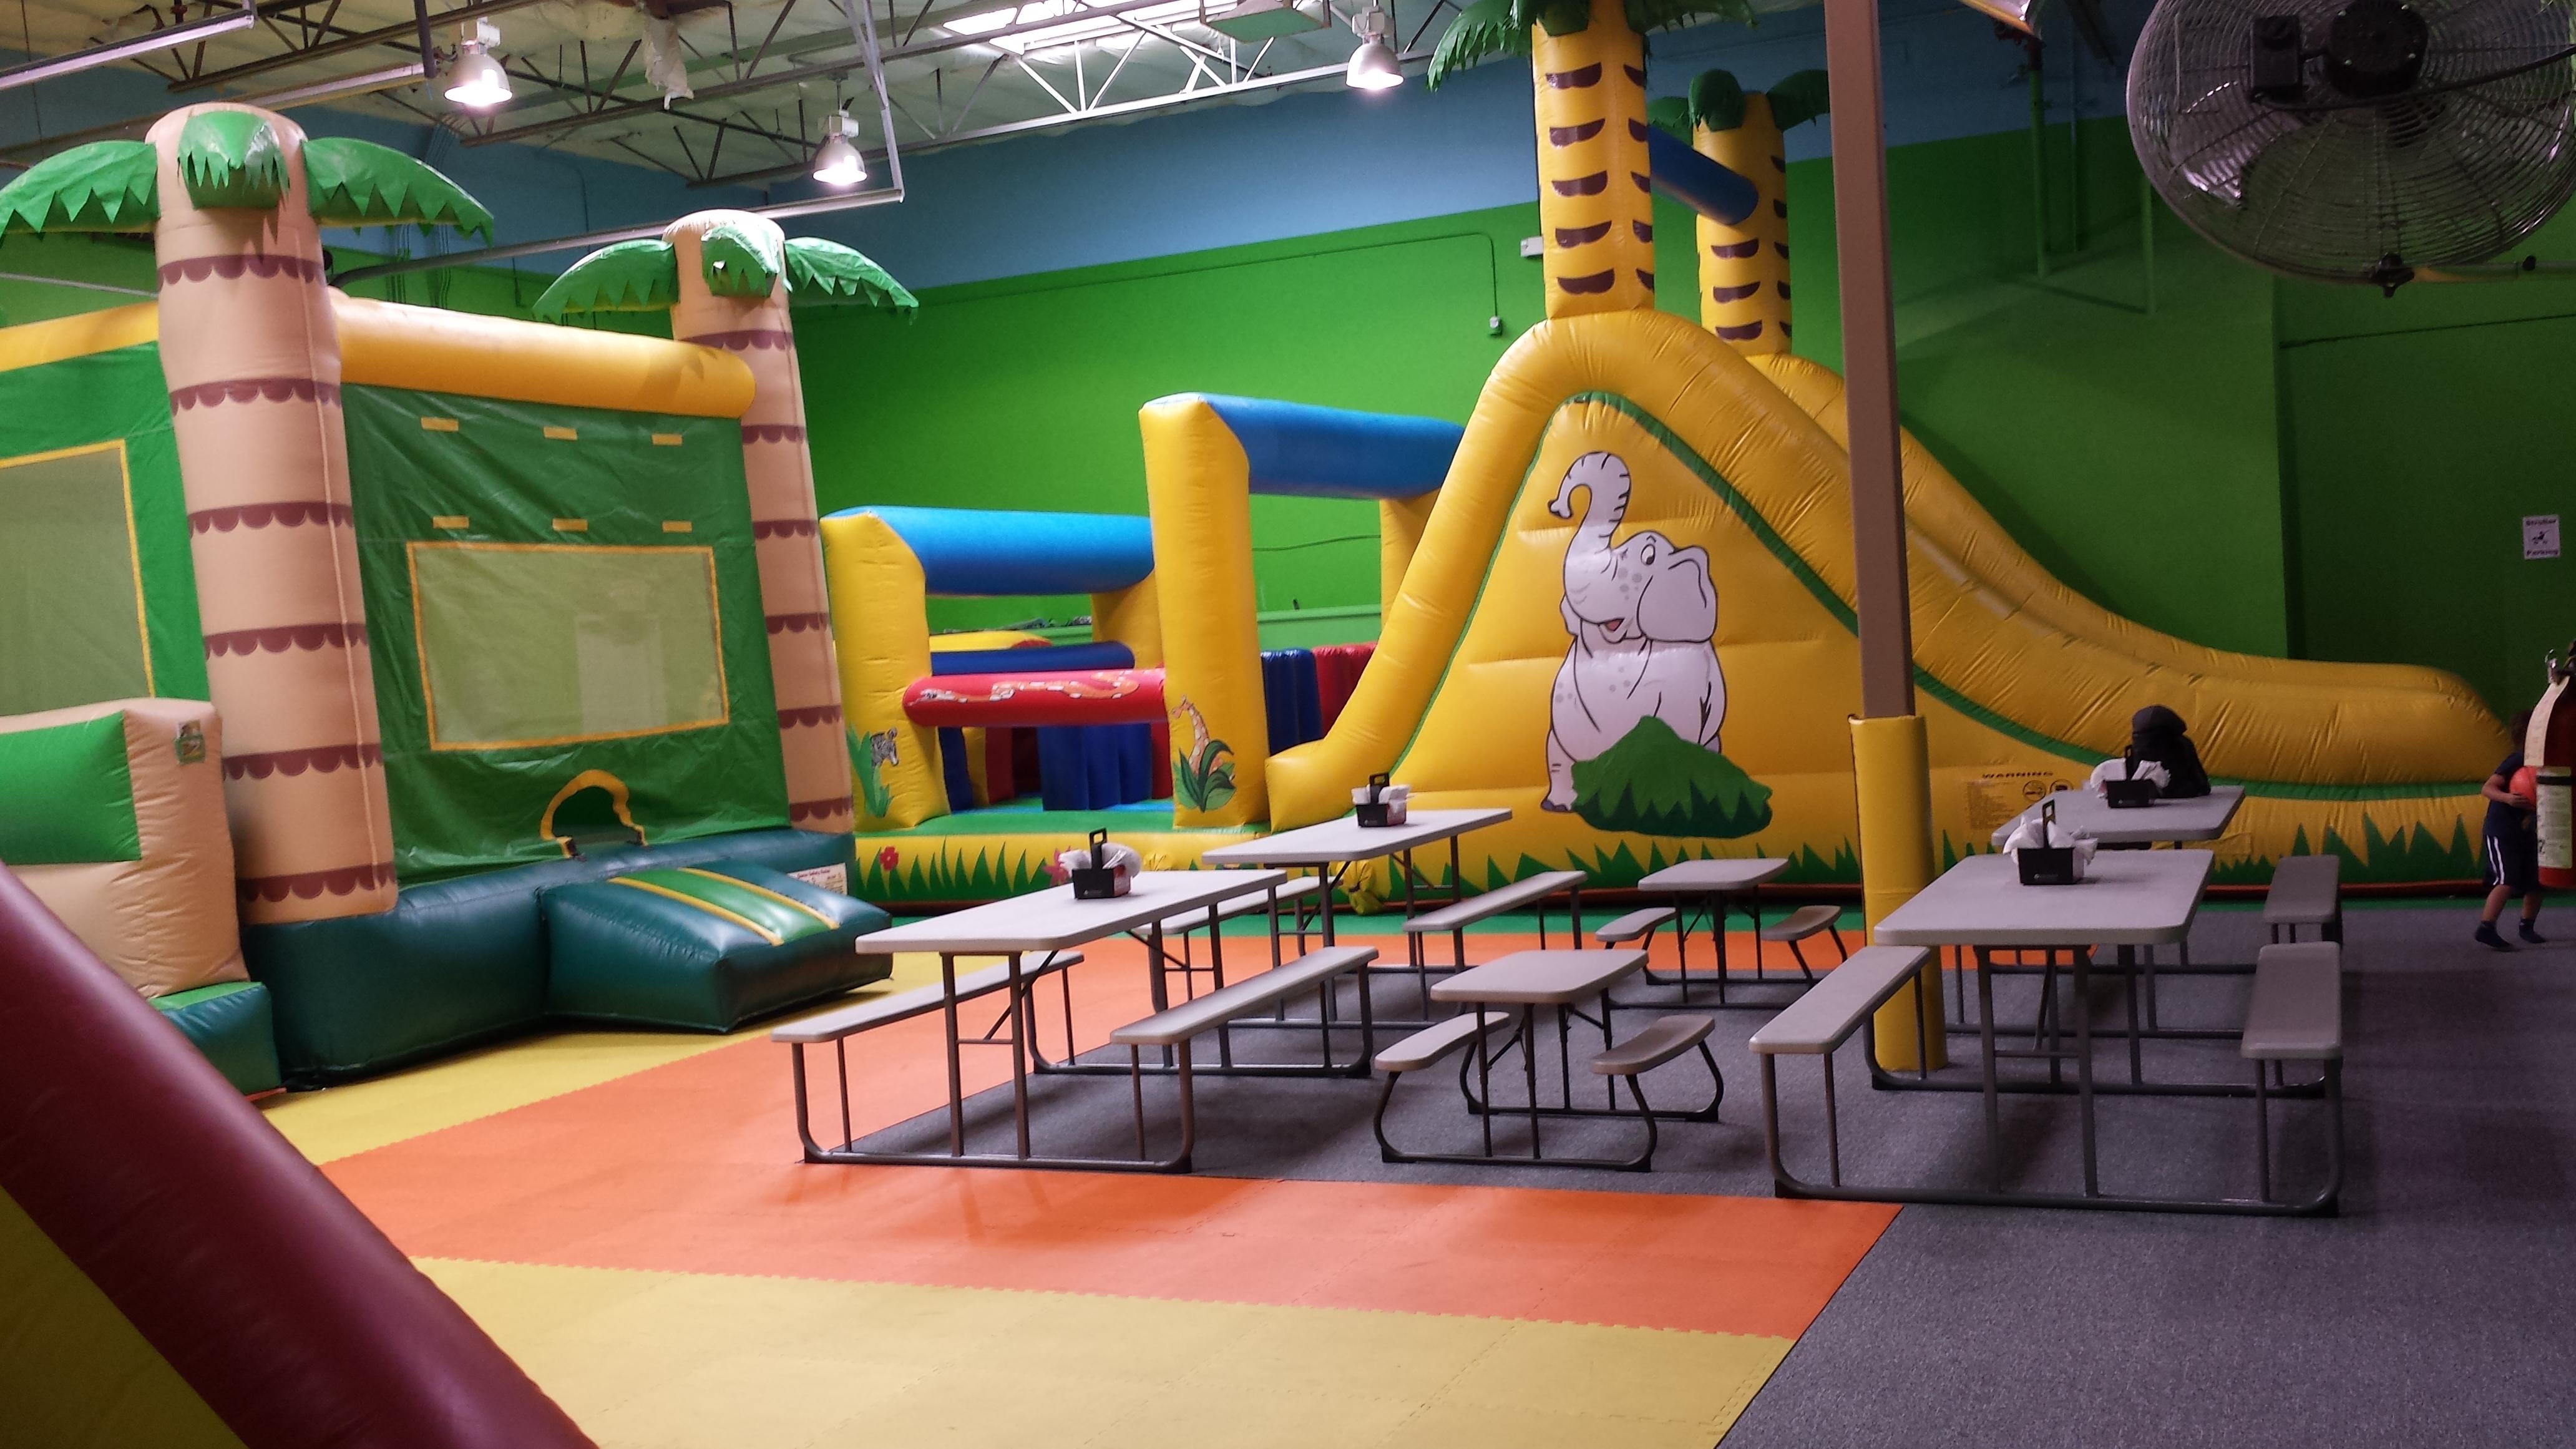 jumper s jungle family fun center 4005 w reno ave las vegas nv